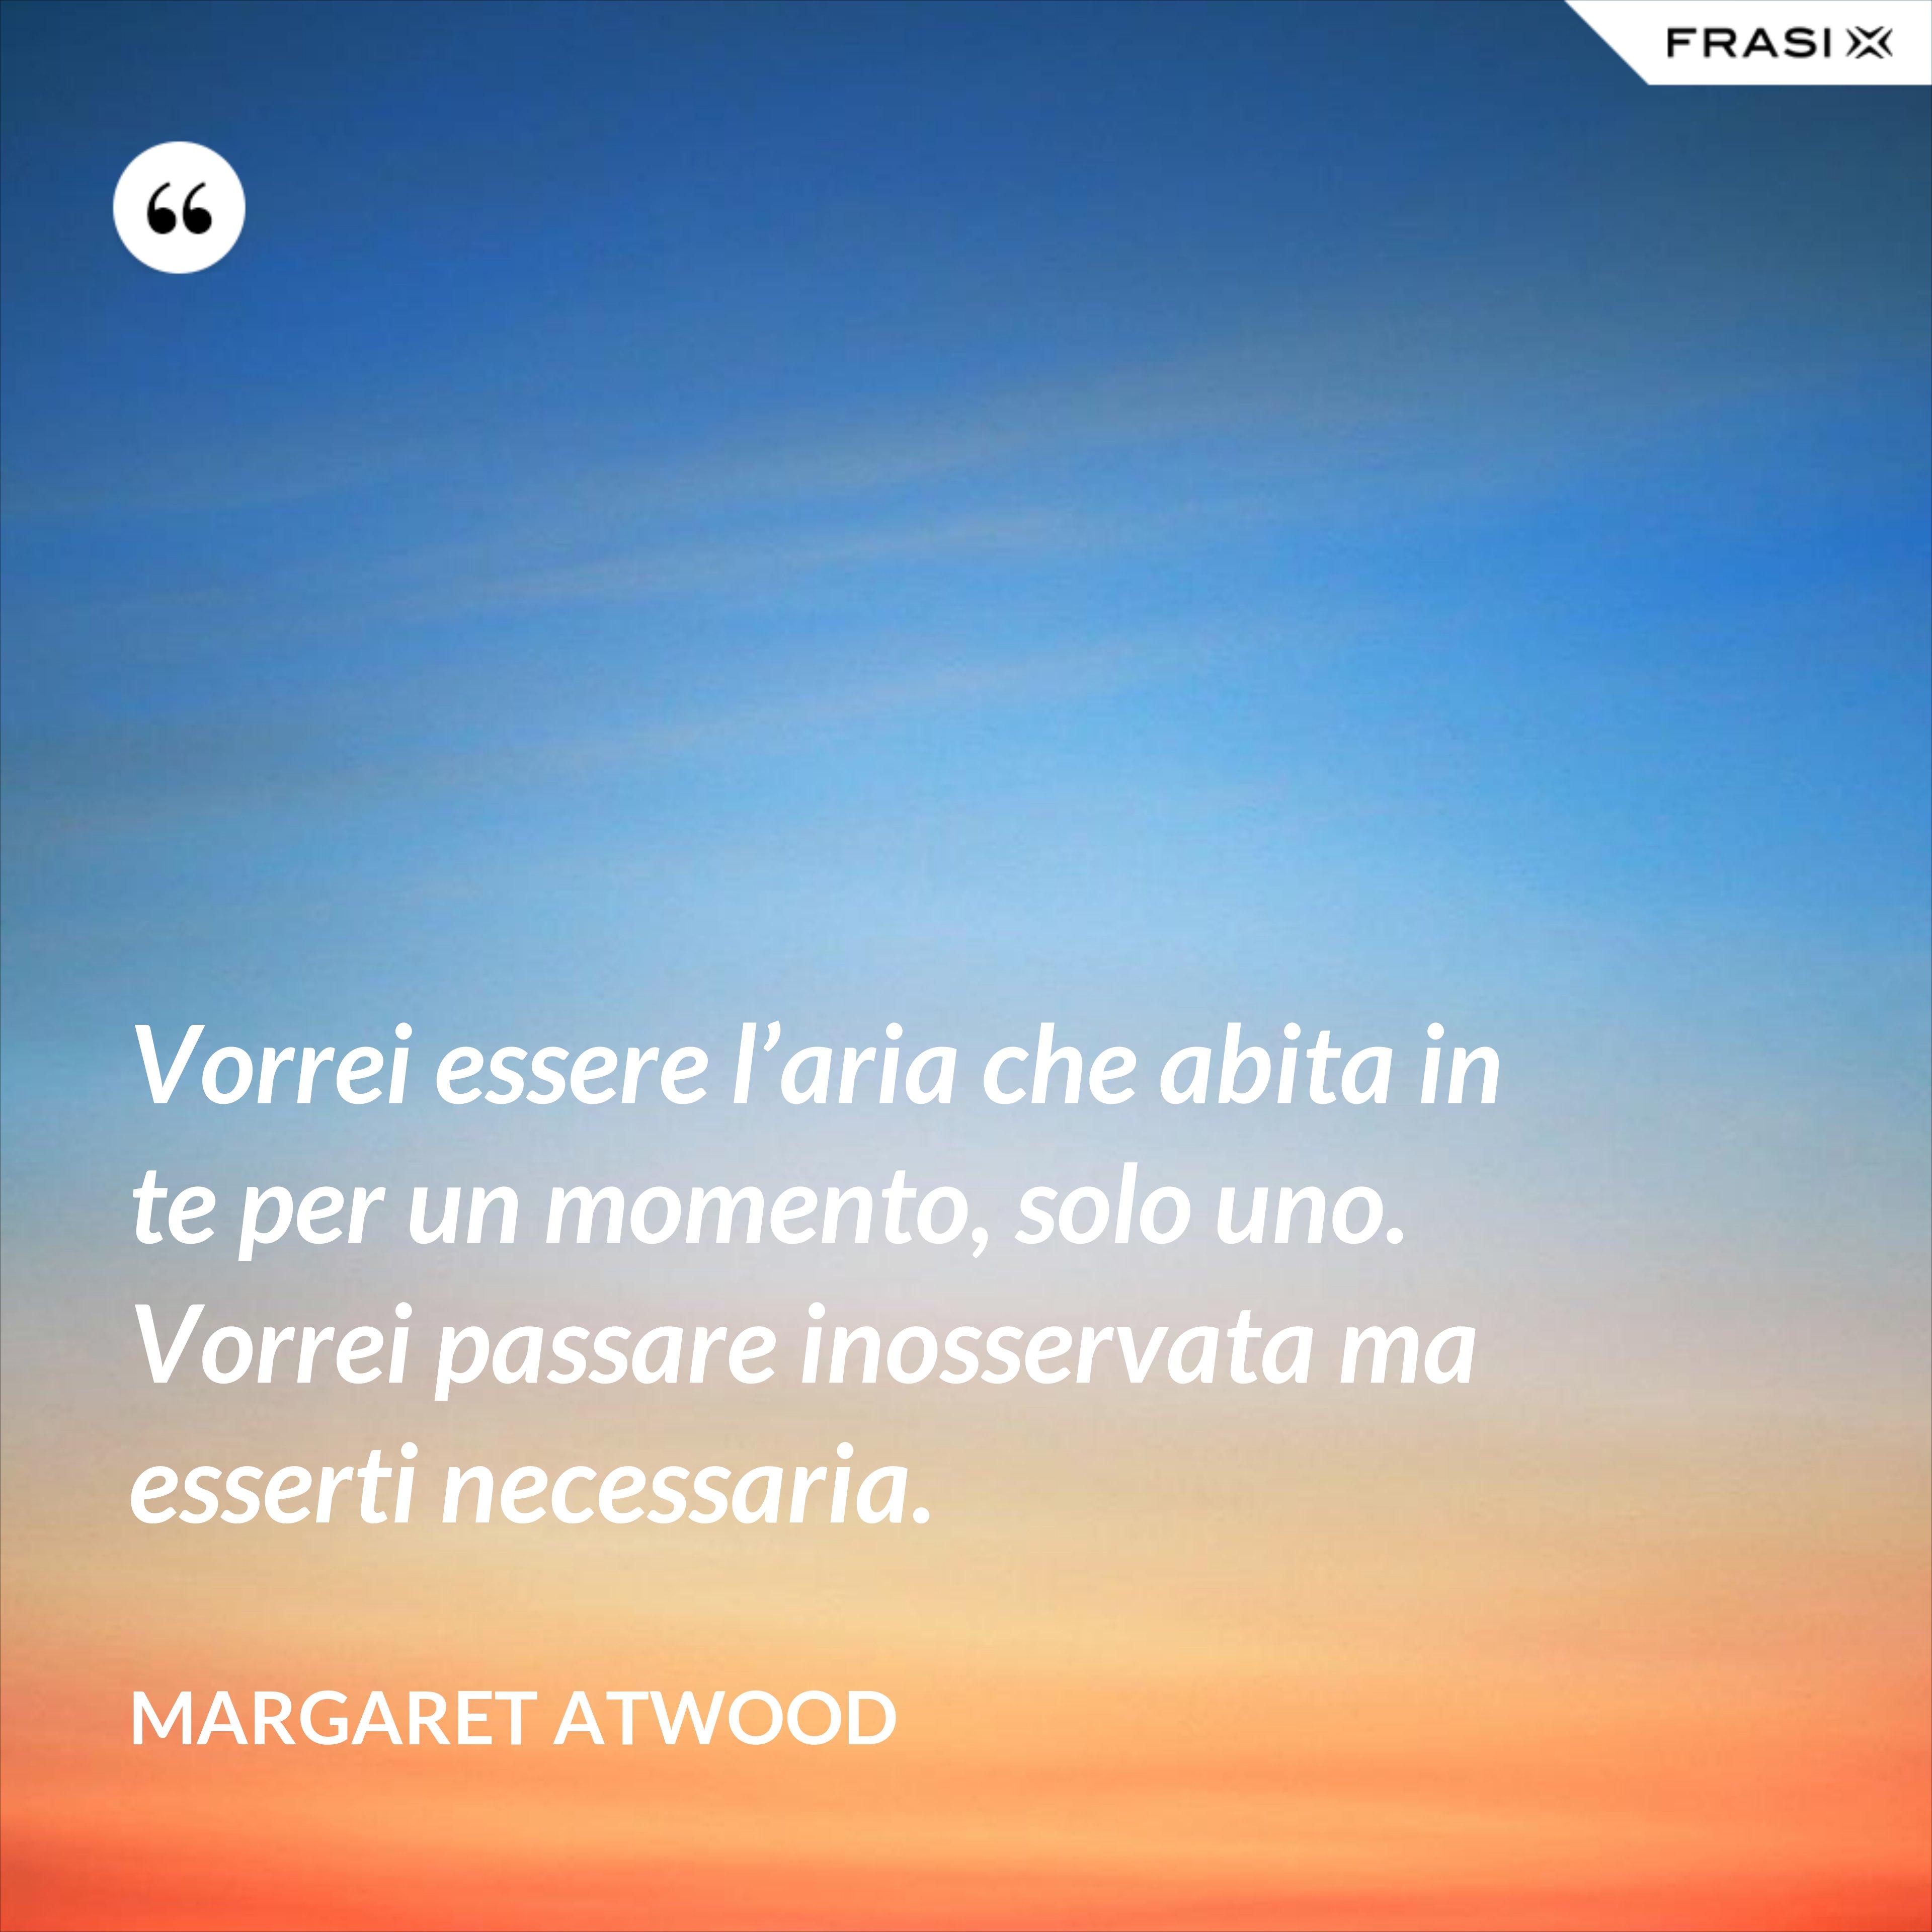 Vorrei essere l'aria che abita in te per un momento, solo uno. Vorrei passare inosservata ma esserti necessaria. - Margaret Atwood